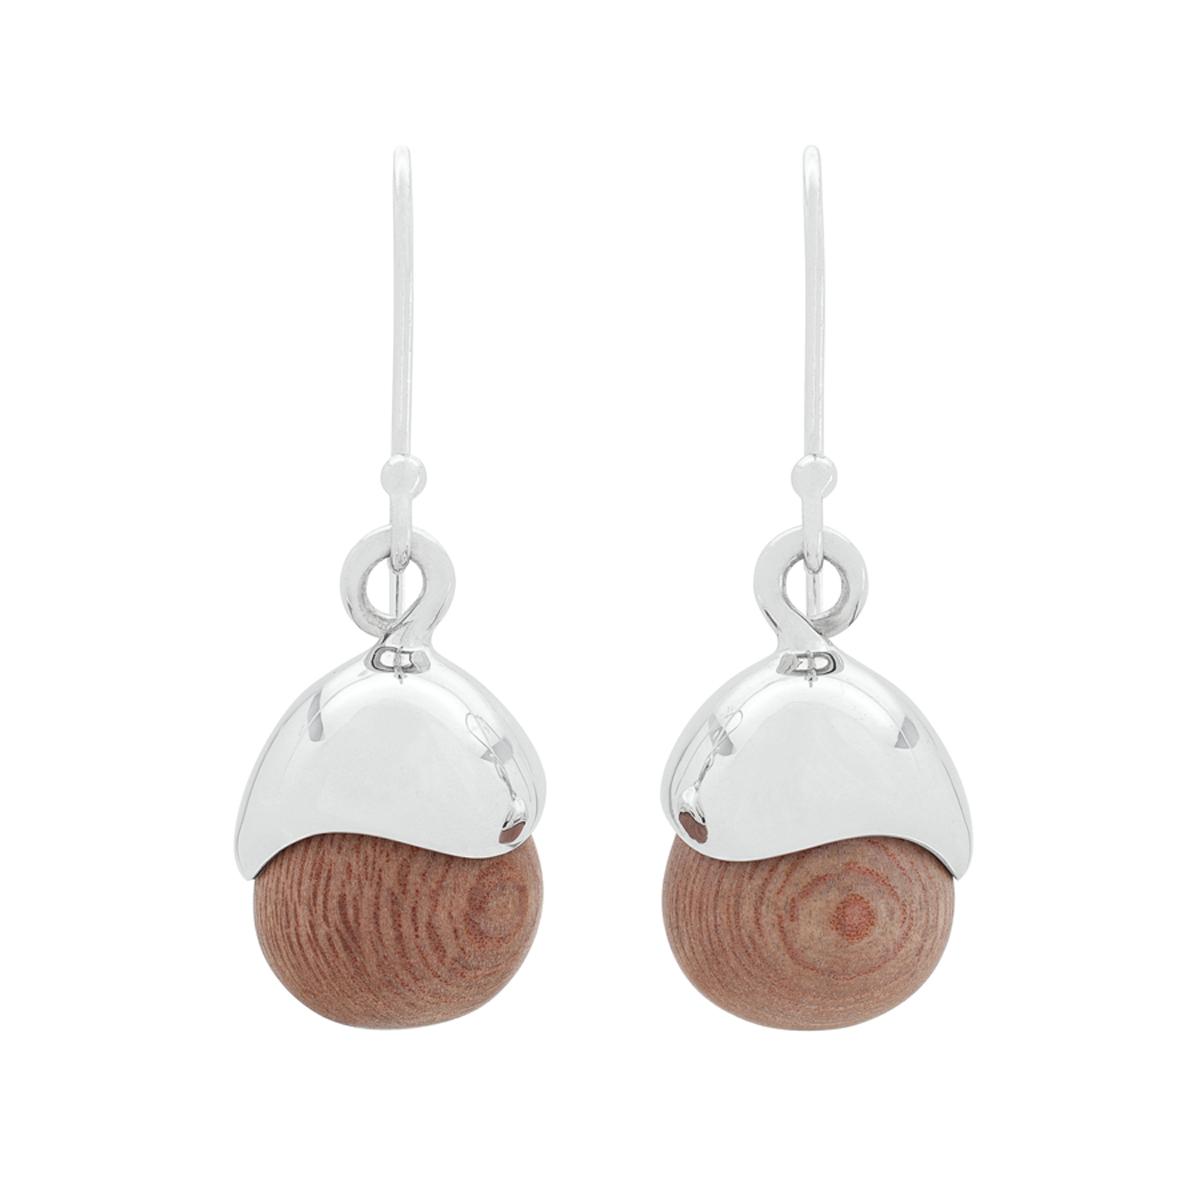 Acorn Earrings in Sterling Silver & Rosewood